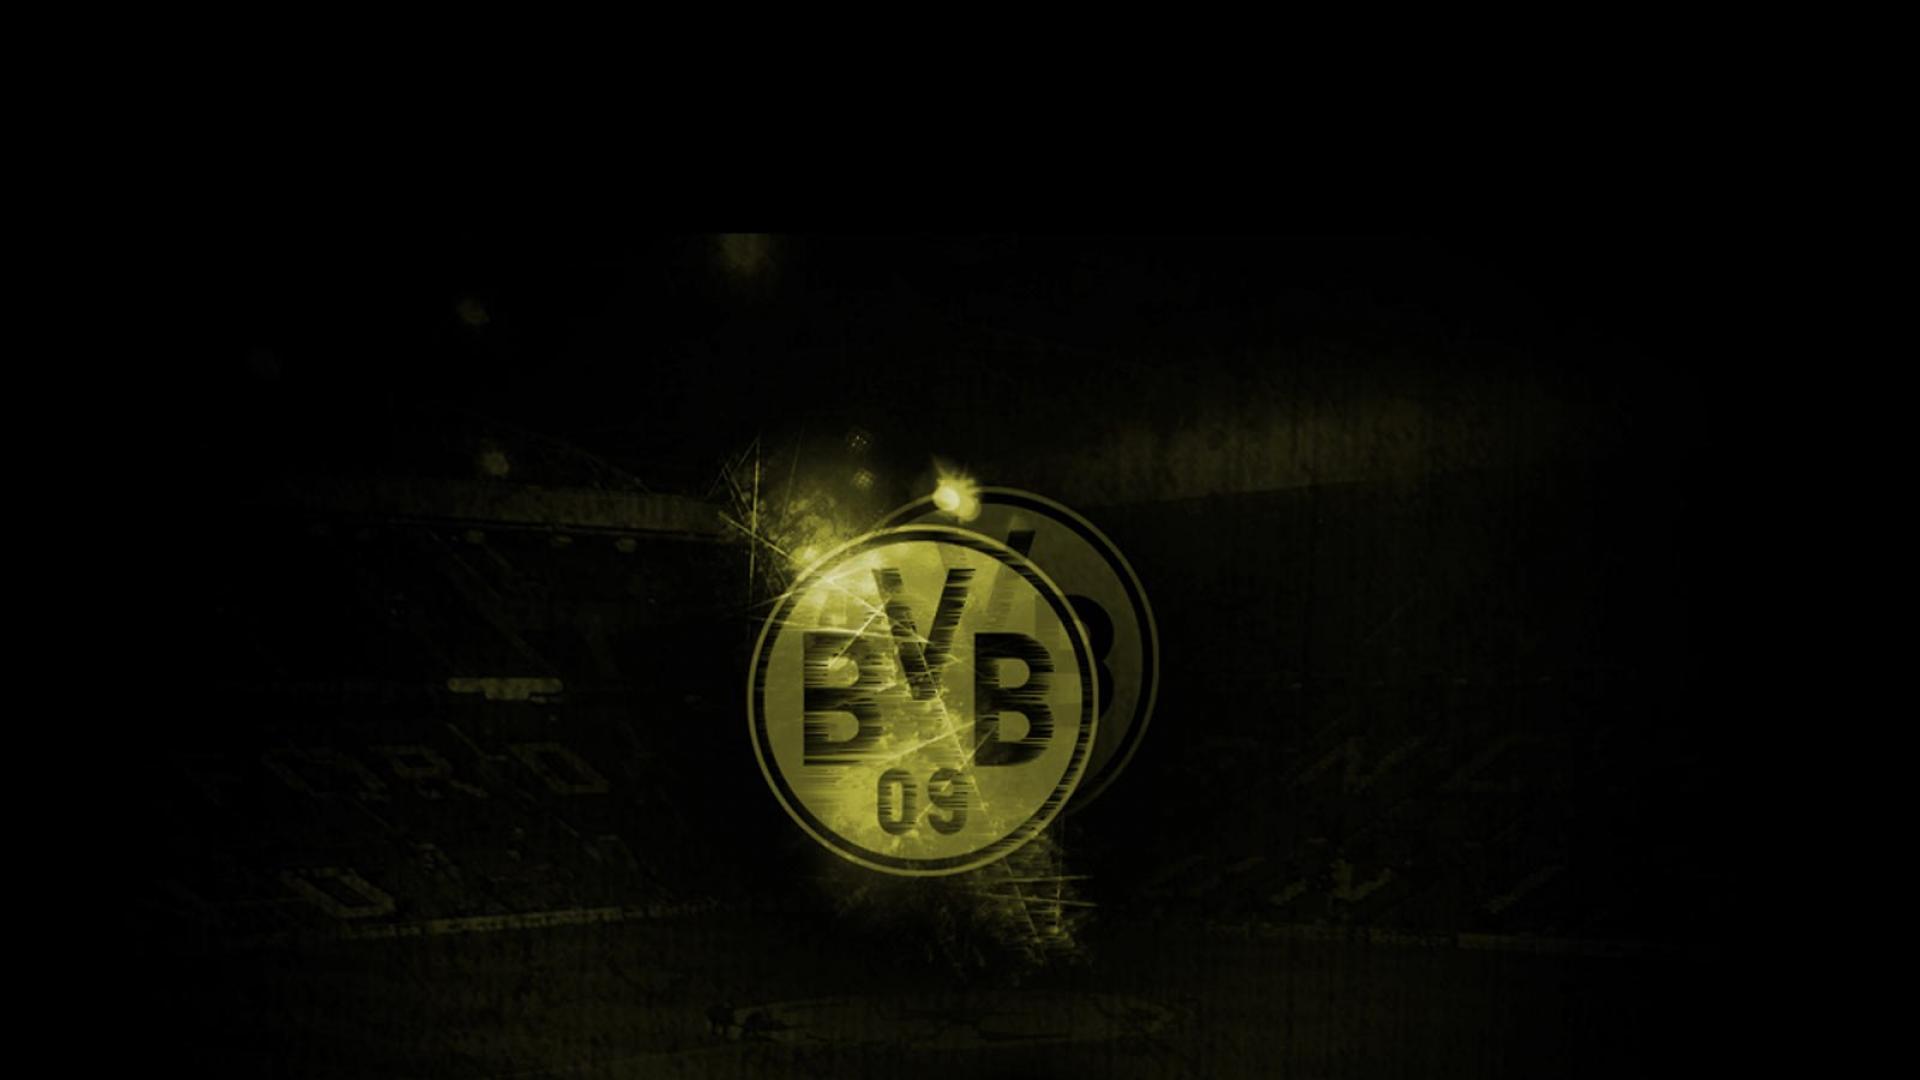 Best Ideas About Borussia Dortmund Wallpaper On Pinterest Bvb 1920x1080